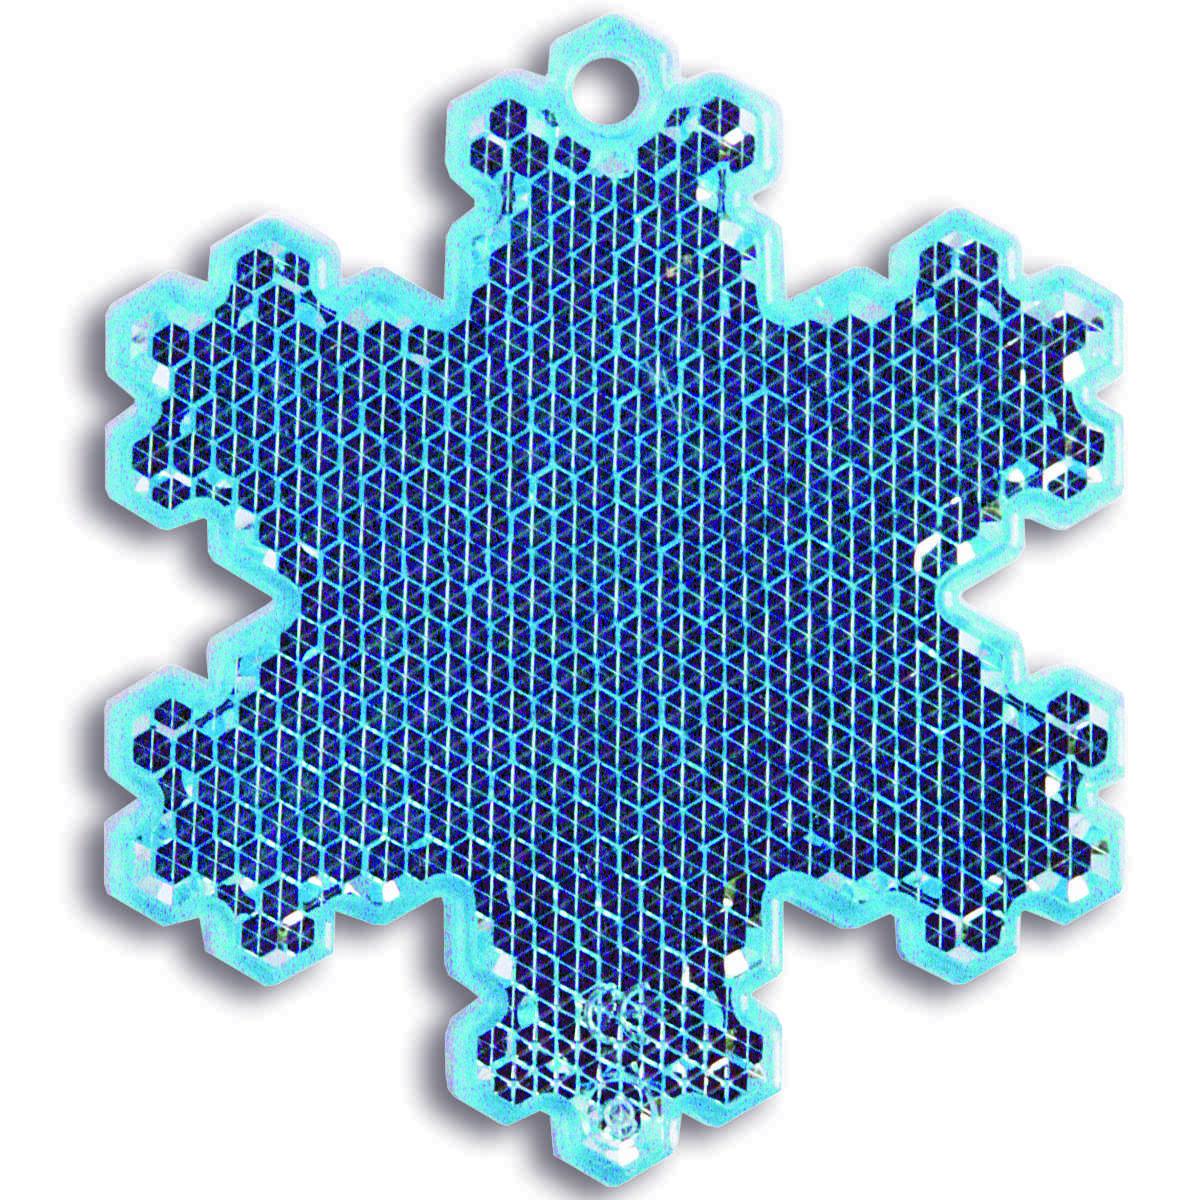 Мамасвет Светоотражатель пешеходный Снежинка цвет голубойG171Светоотражатель пешеходный Мамасвет Снежинка выполнен из высококачественного материала в виде подвески.Светоотражатель должен свободно раскачиваться и быть видимым со всех сторон. В комплект со светоотражателем входит специальное крепление - шариковая цепочка. В темное время суток движущийся пешеход становится виден в свете автомобильных фар только на расстоянии 30 метров - у водителя остается всего лишь 1,3 секунды на то, чтобы среагировать. Пешеход же со светоотражателем заметен уже на расстоянии 150-400 метров, и у водителя есть целых 7 секунд, чтобы объехать его и избежать ДТП.Специалисты считают, что в темноте риск для пешехода стать жертвой ДТП или спровоцировать аварию возрастает в два раза, а у пешехода без светоотражателя он почти в десять раз выше, чем у того, кто использует это полезное изобретение.